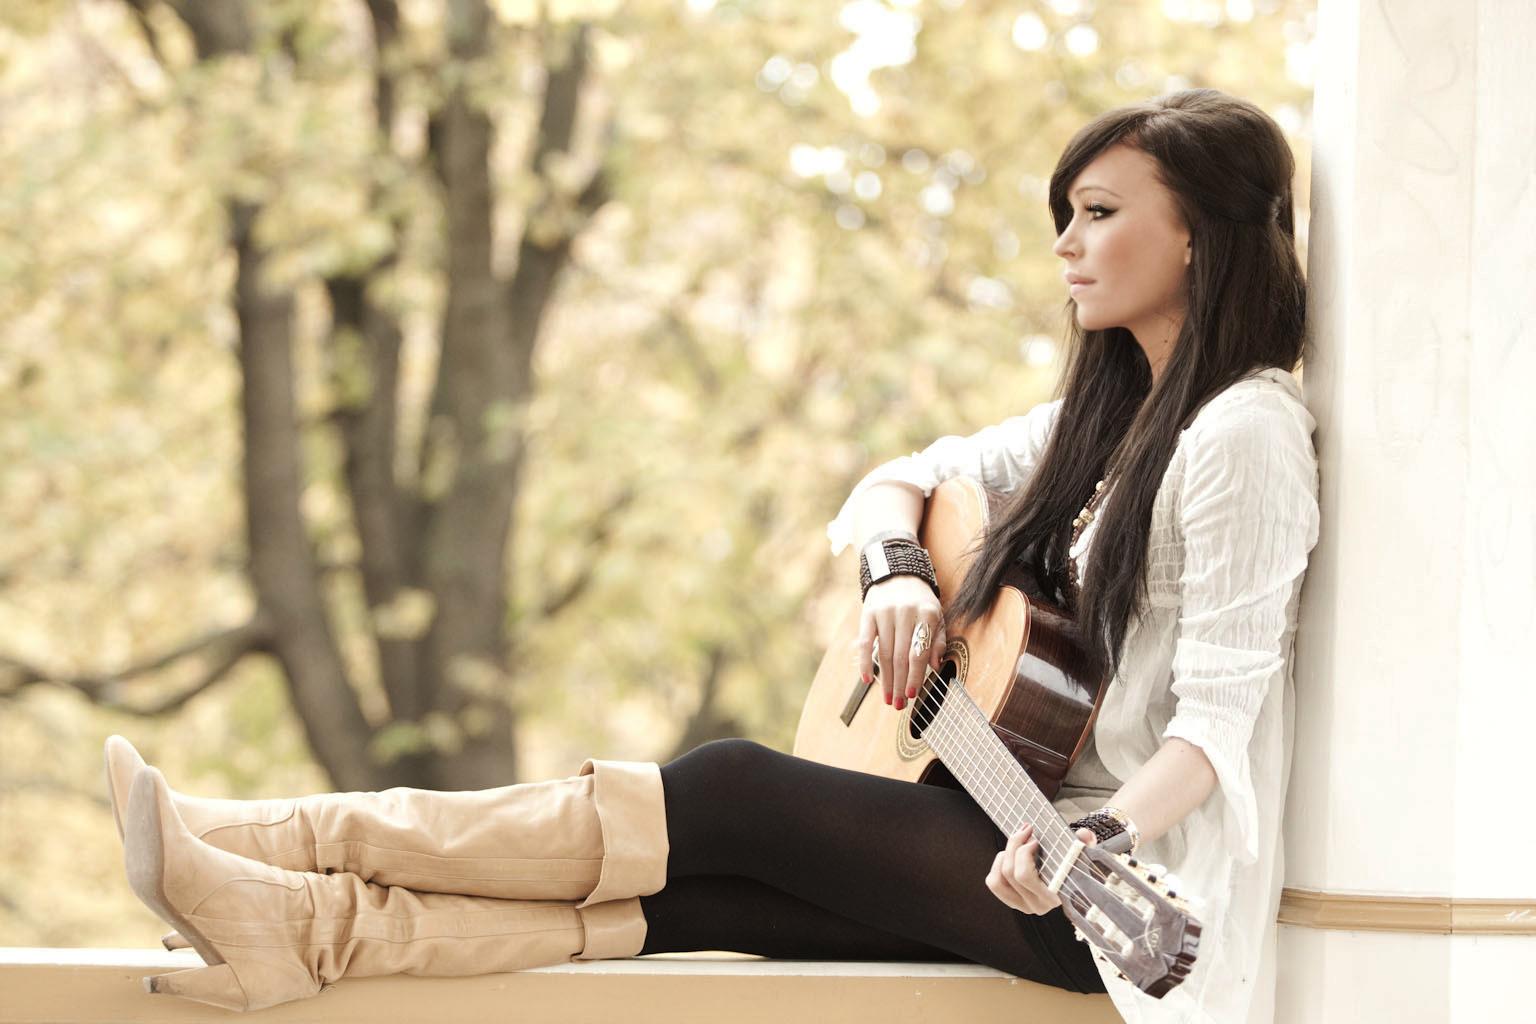 Красивые девушки с гитарами 10 фотография